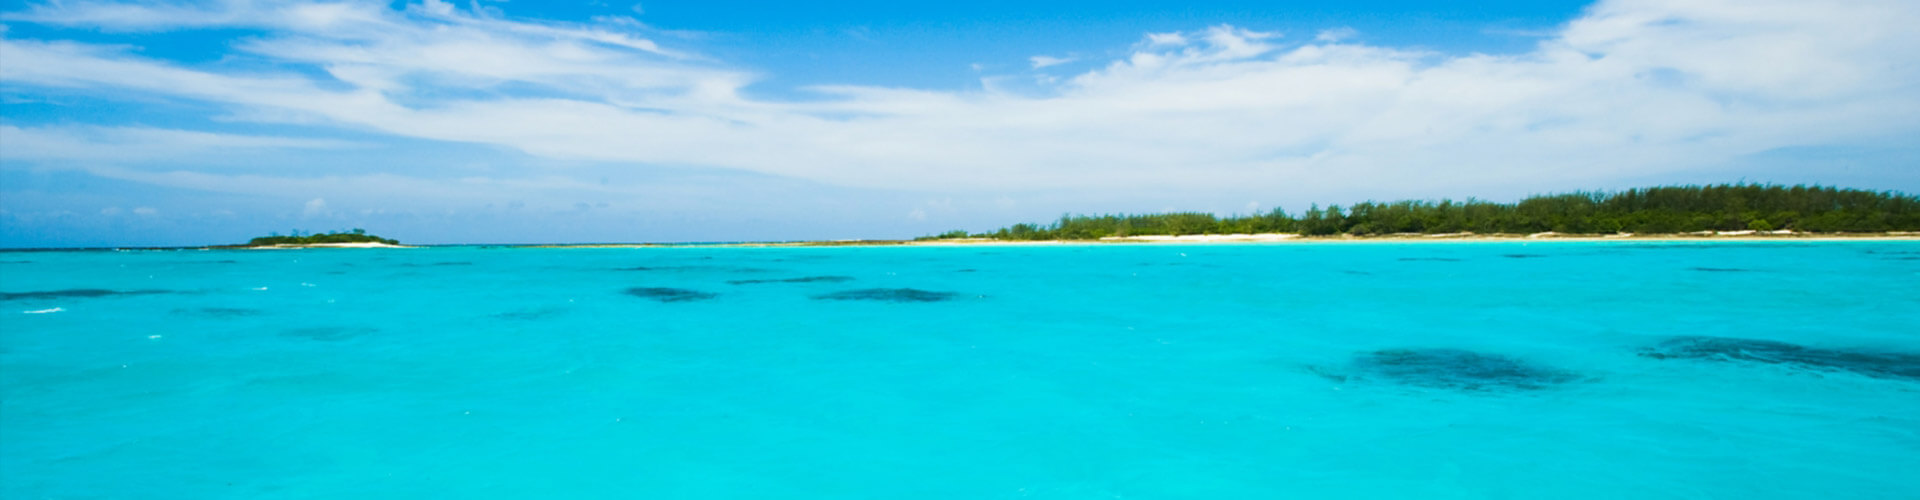 Vamizi Island Mozambique